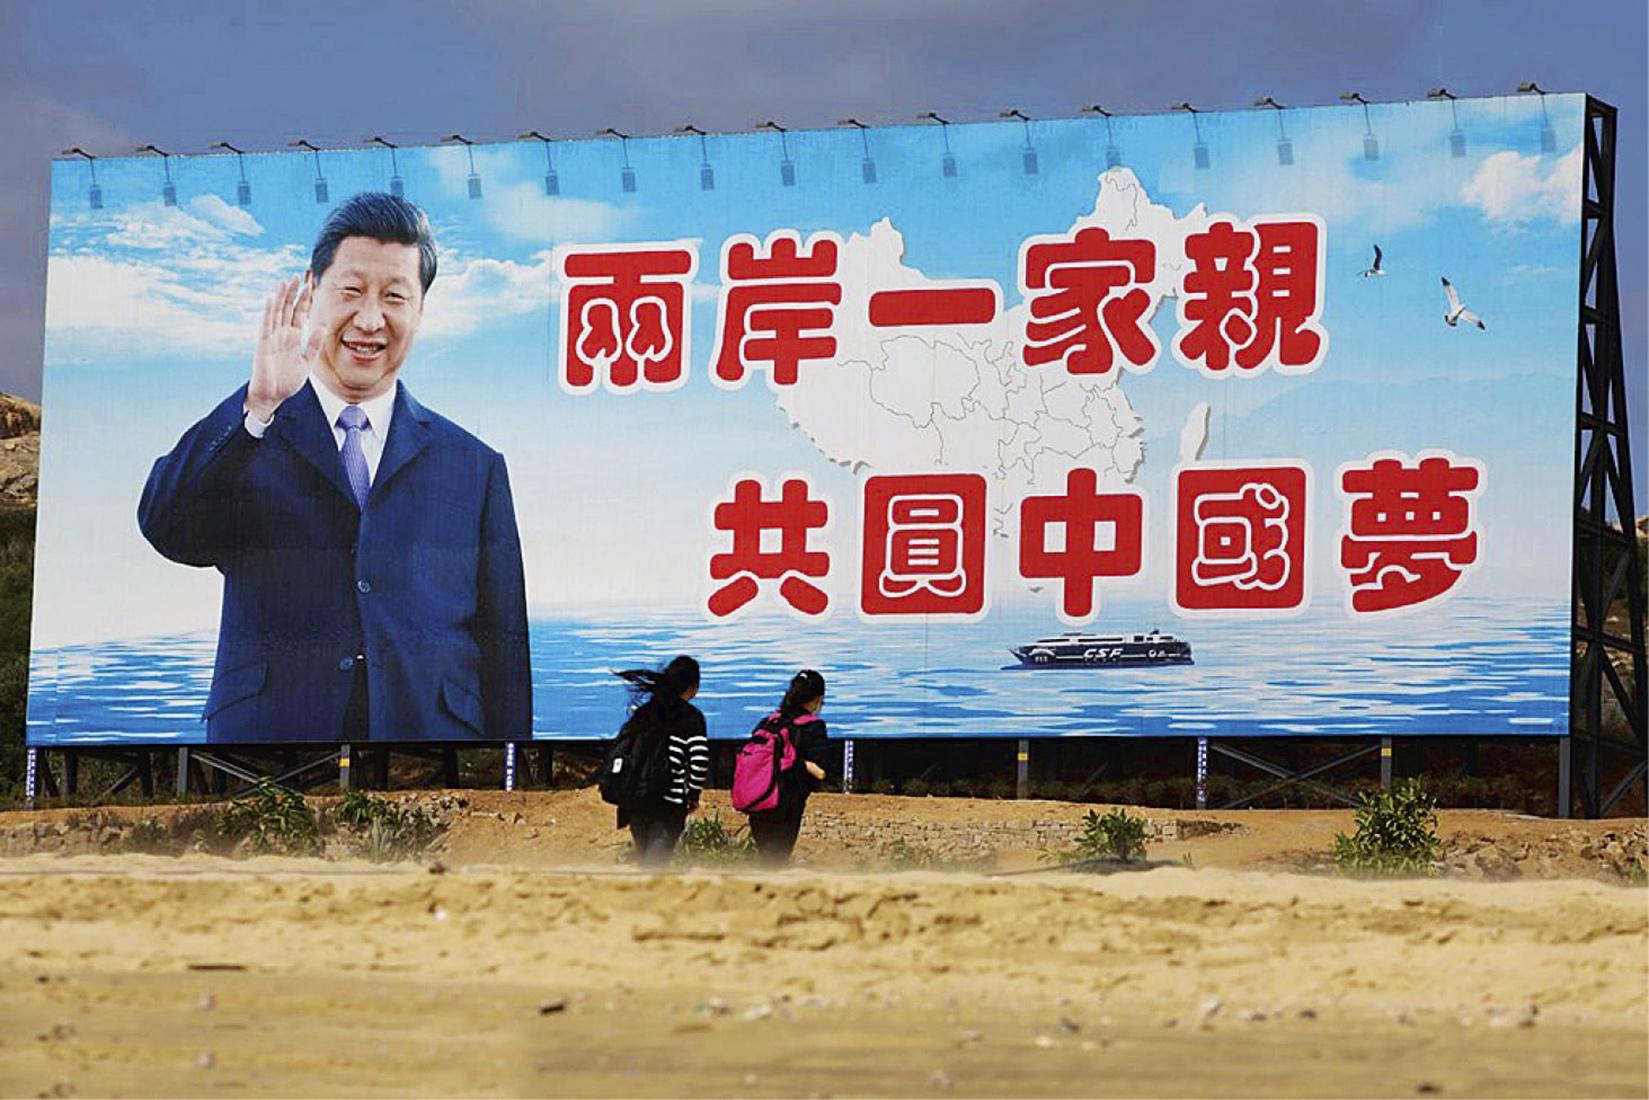 在2014年11月时习近平特别赴福建省平潭综合实验区考察,並特别叮嘱「实验区是全国独创,要继续探索」。